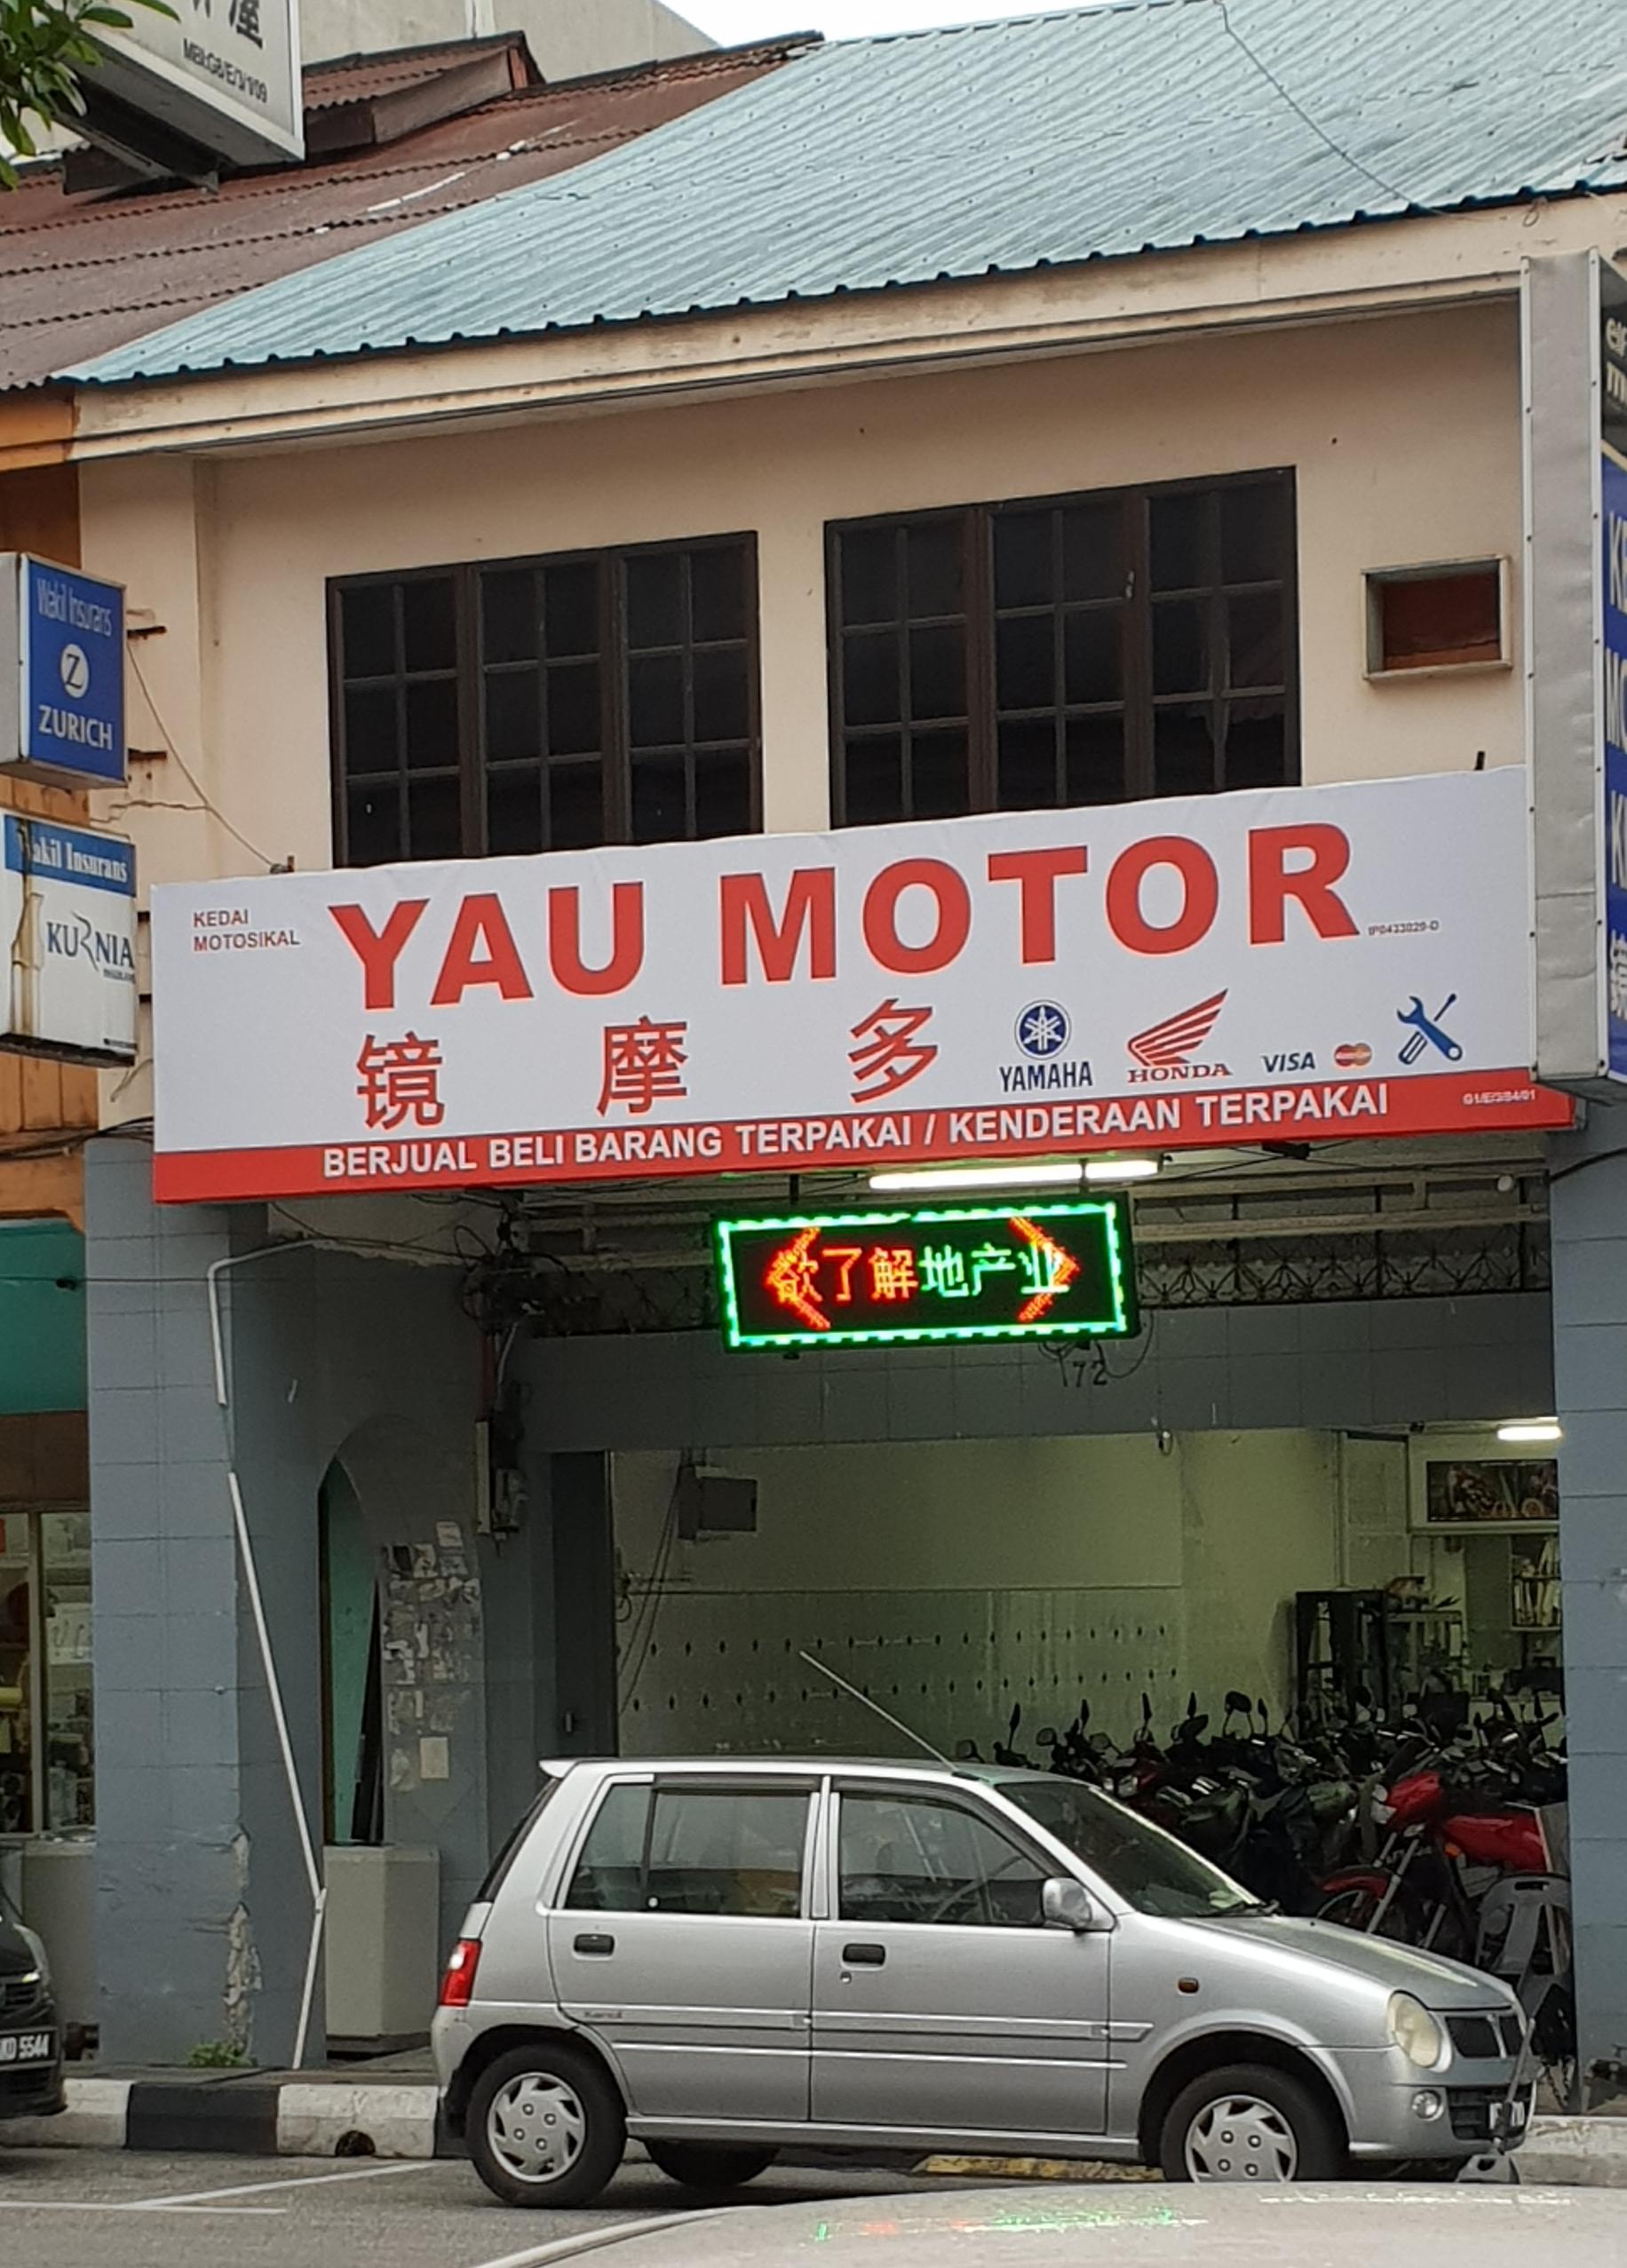 YAU MOTOR